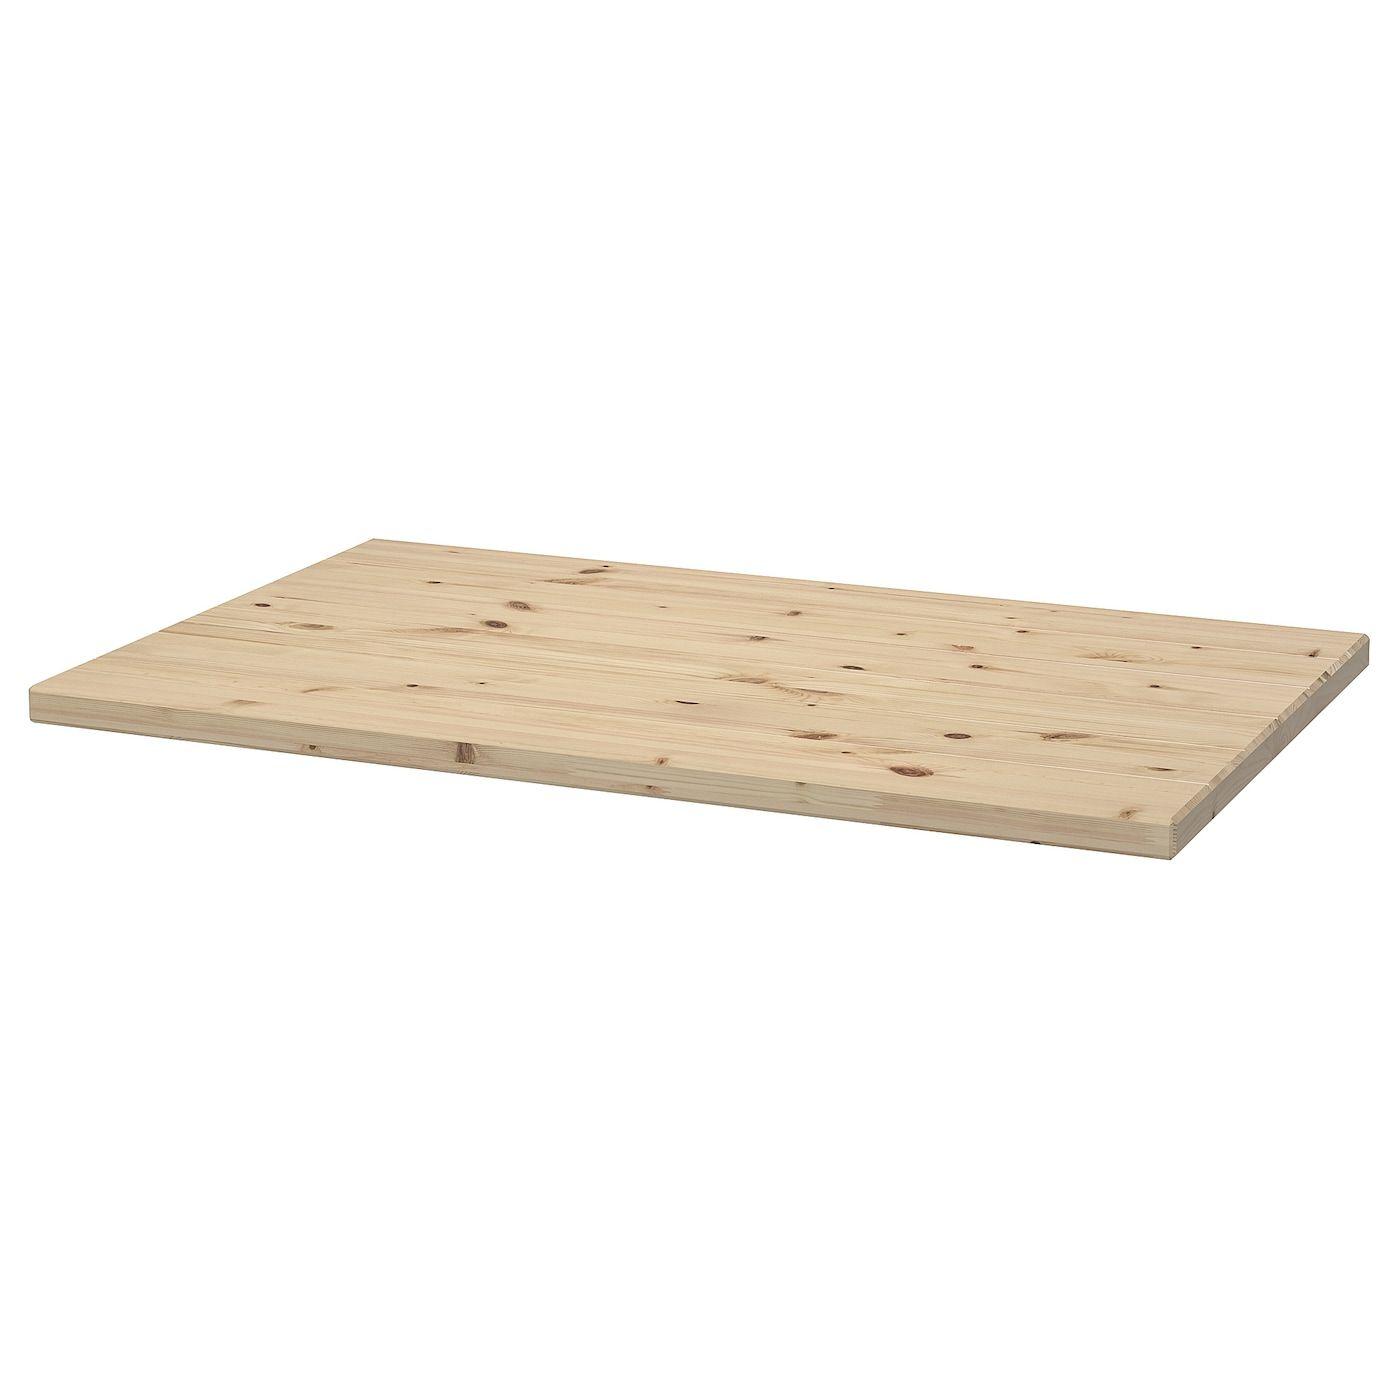 Ikea Kullaberg Plateau En 2021 Plateaux De Table Plan De Table Plateau De Table